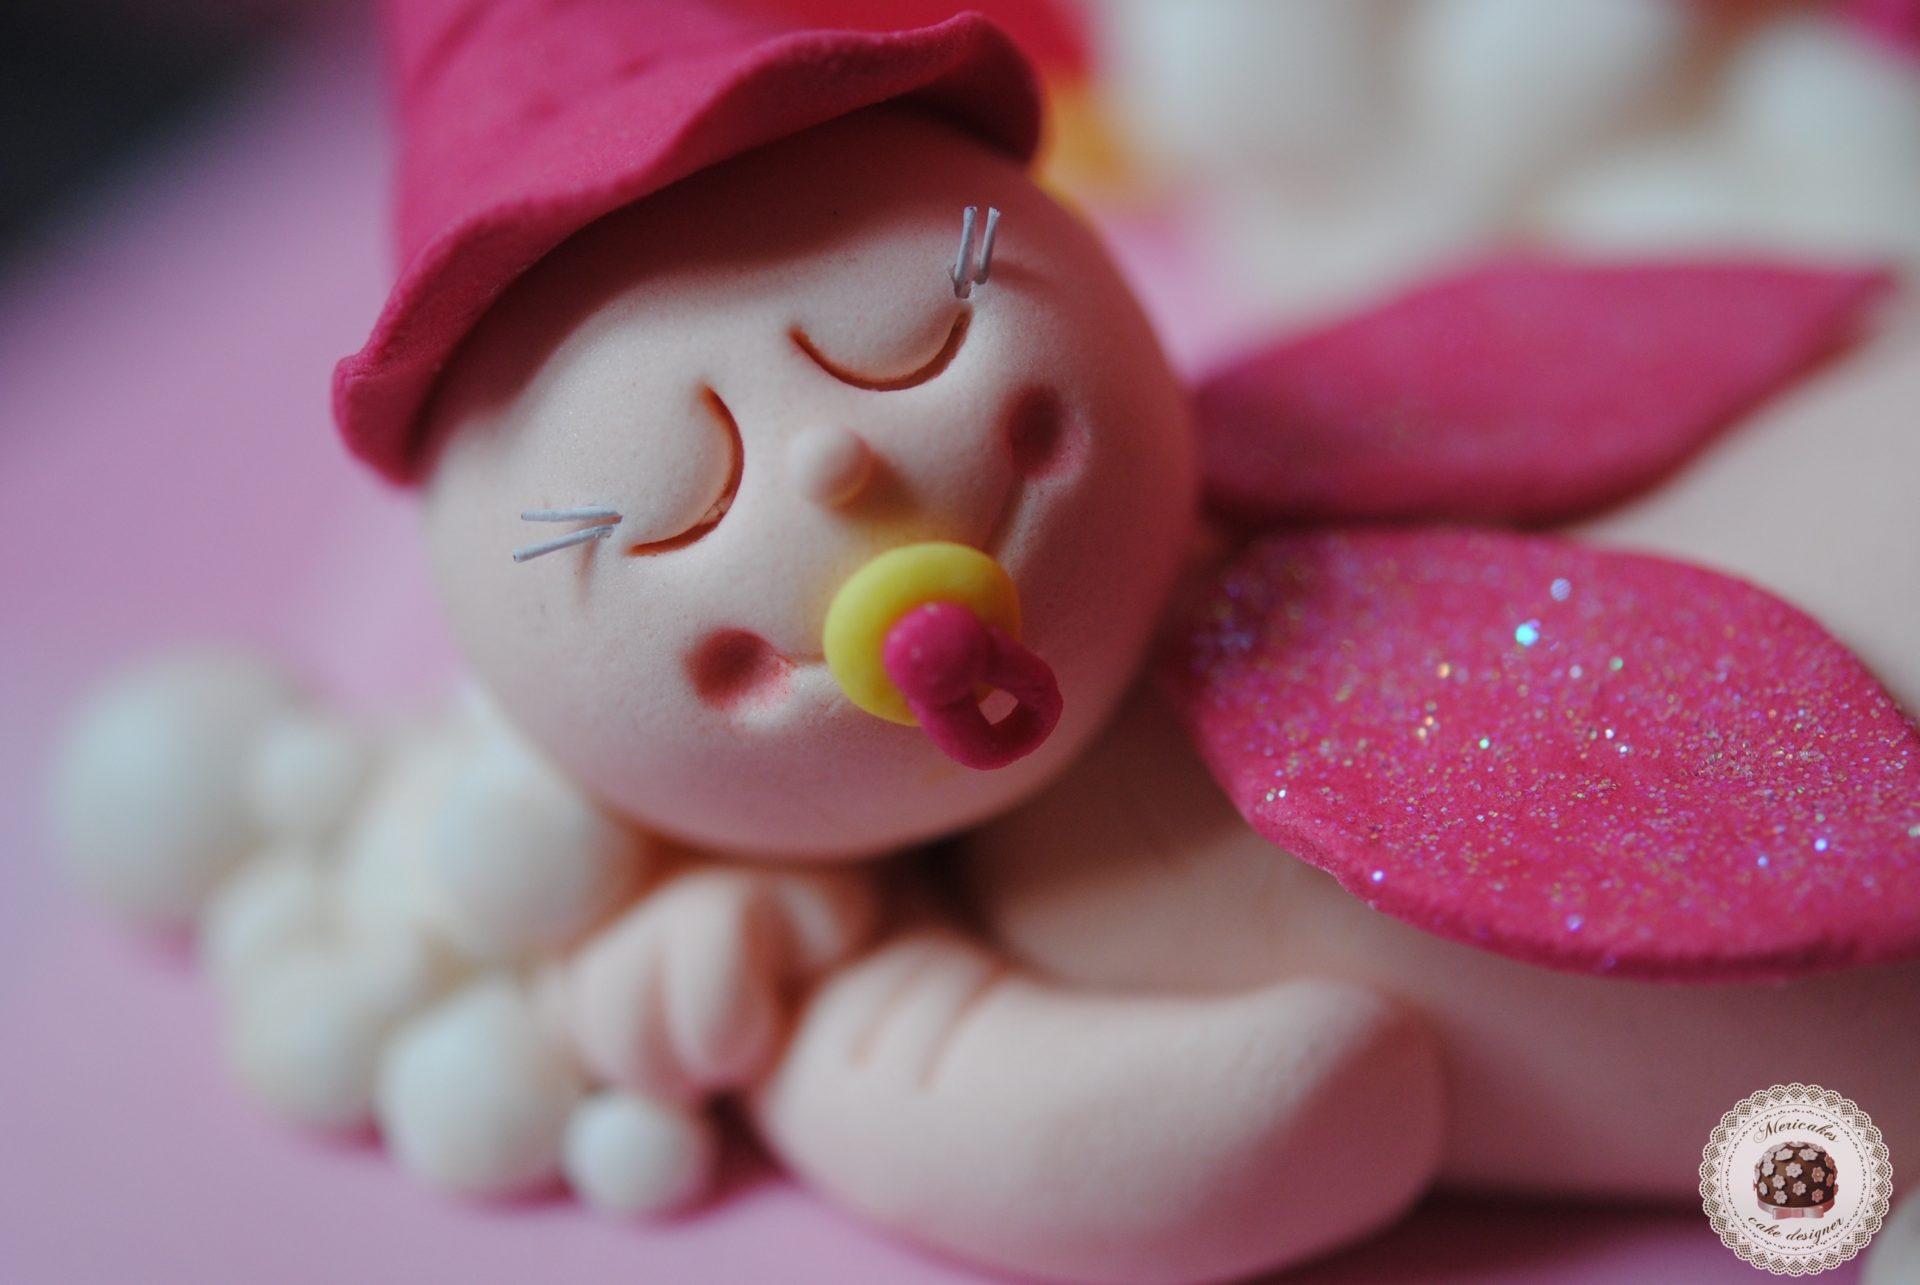 tarta-baby-shower-mericakes-bebe-baby-hada-tartas-decoradas-tartas-barcelona-mericakes-sugarcraft-fondant-angelito-pink-cake-girl-cake